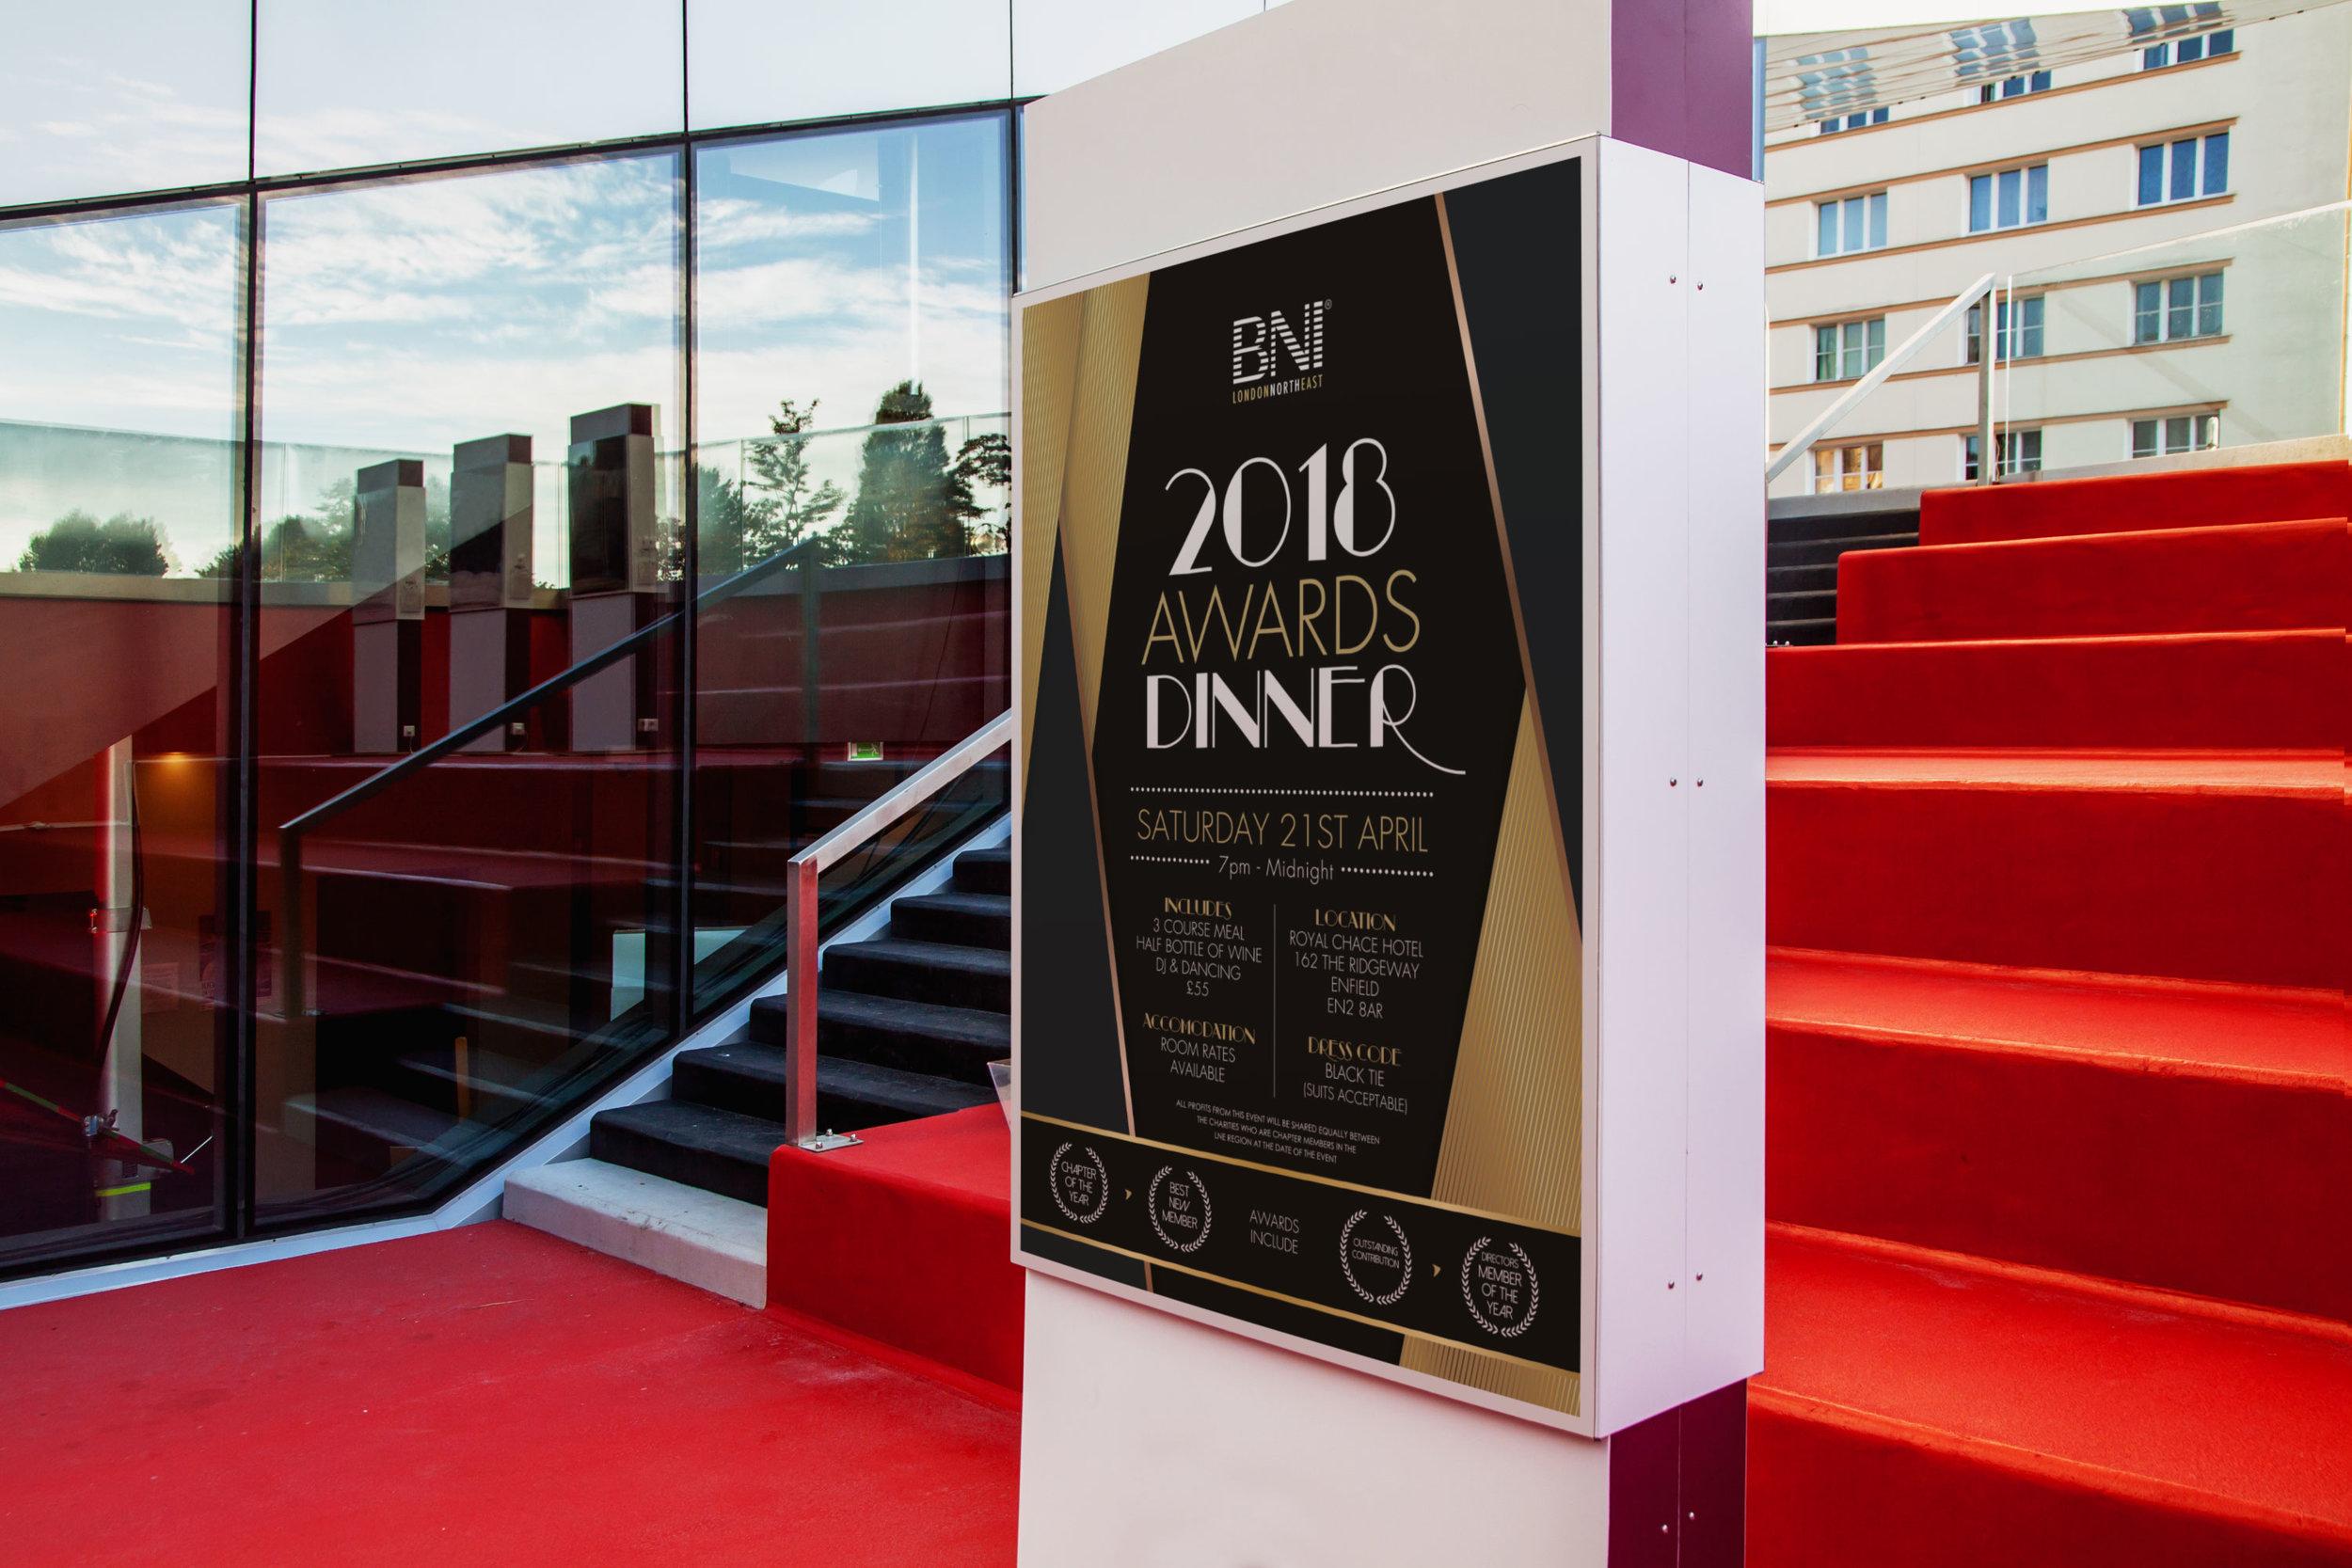 bni-lne-awards-poster-design.jpg